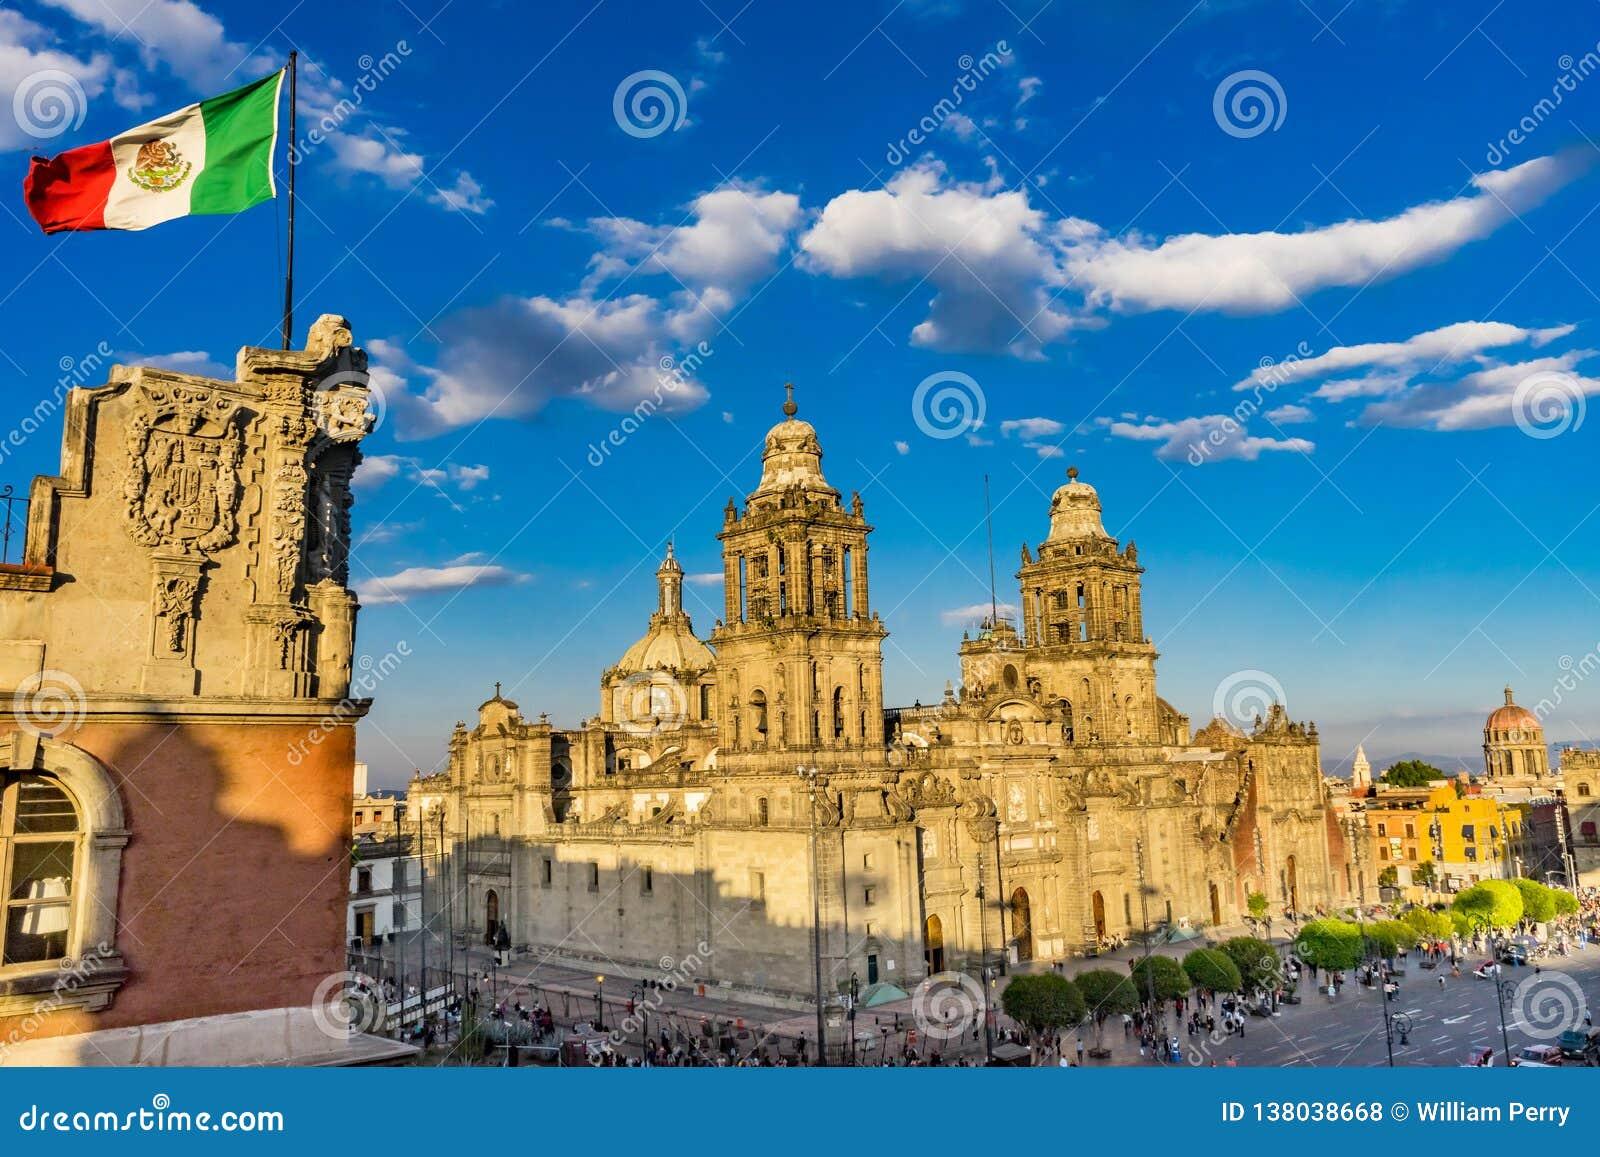 Metropolitan Cathedral Zocalo Mexican Flag Mexico City Mexico Sunrise